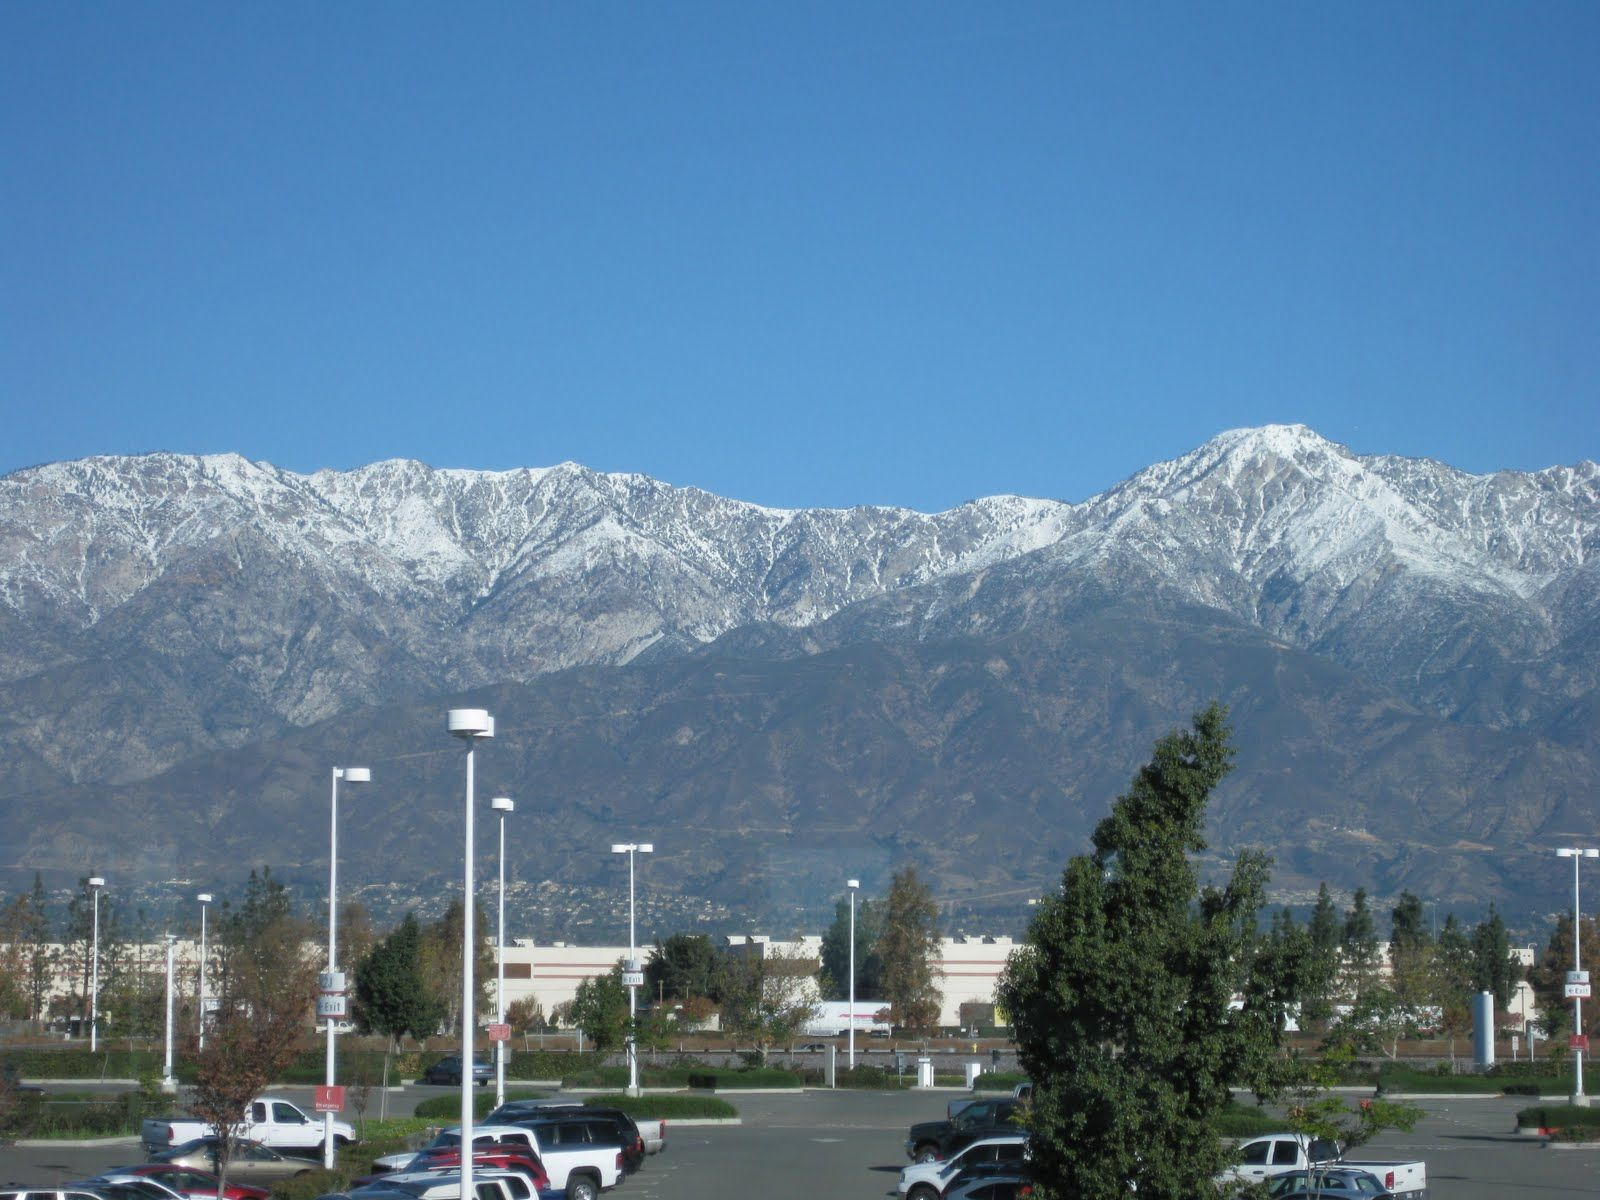 Cali Lewis photos